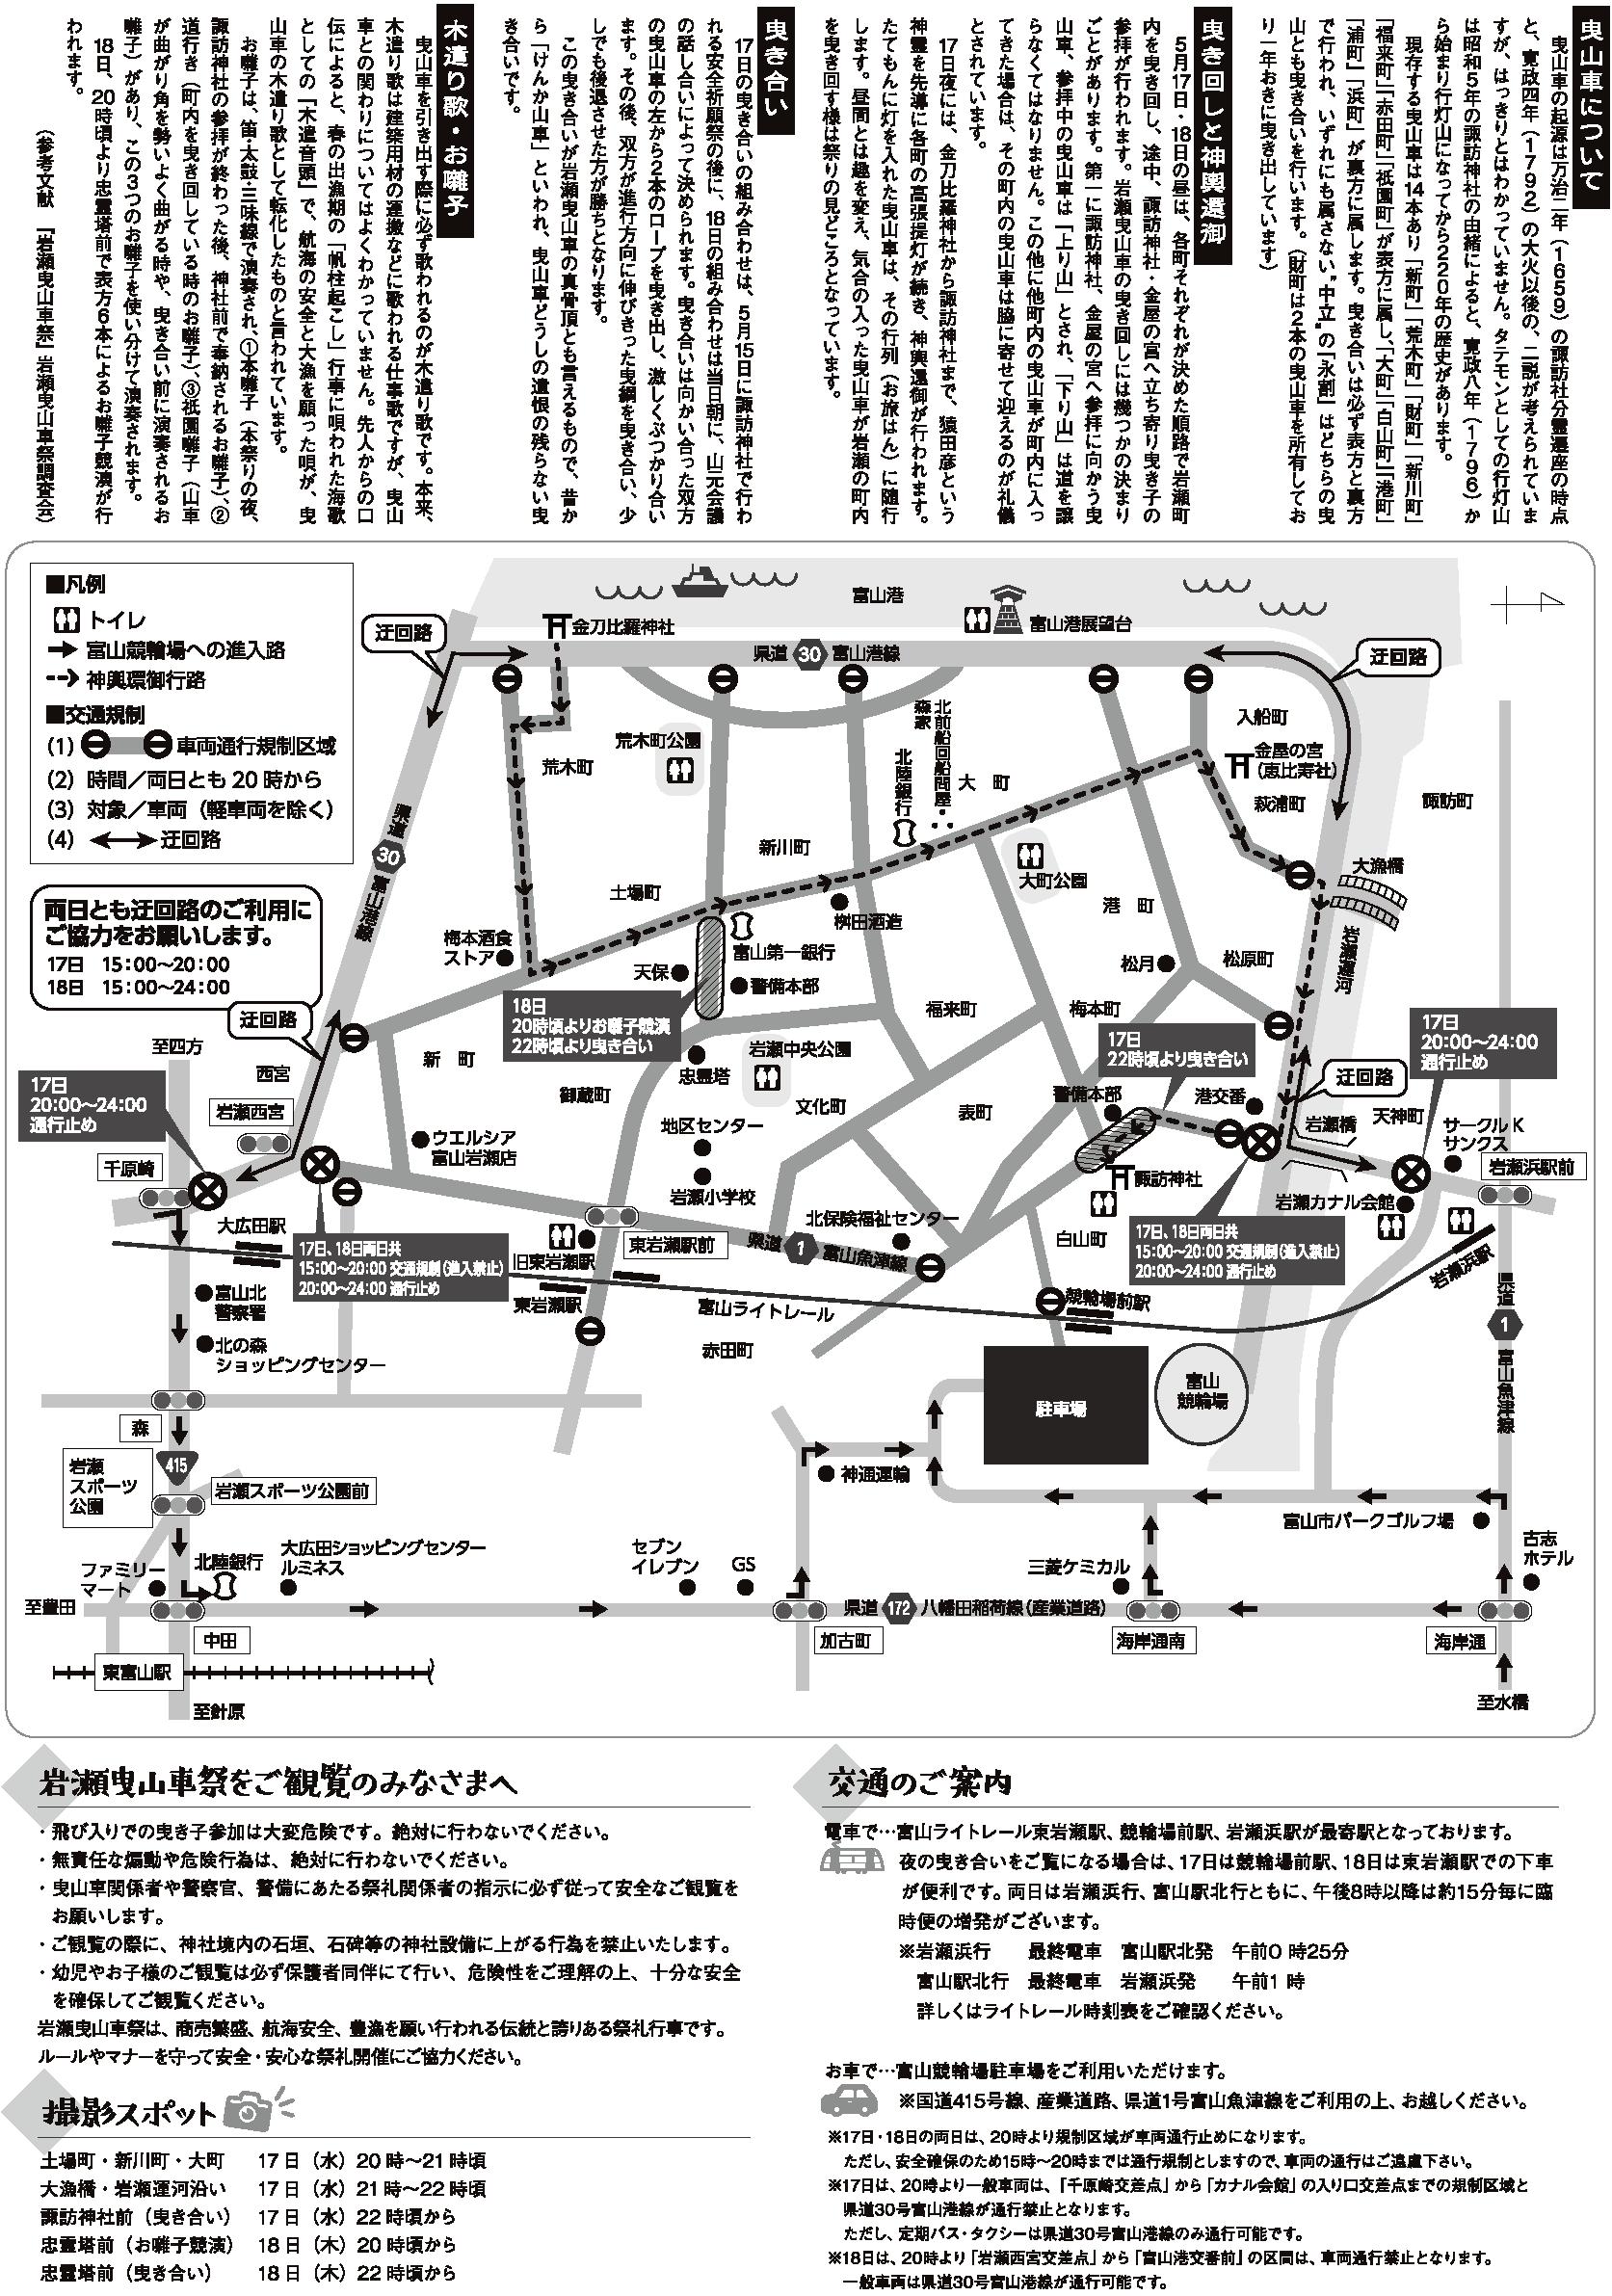 岩瀬曳山車祭の曳き回しルートと交通規制情報